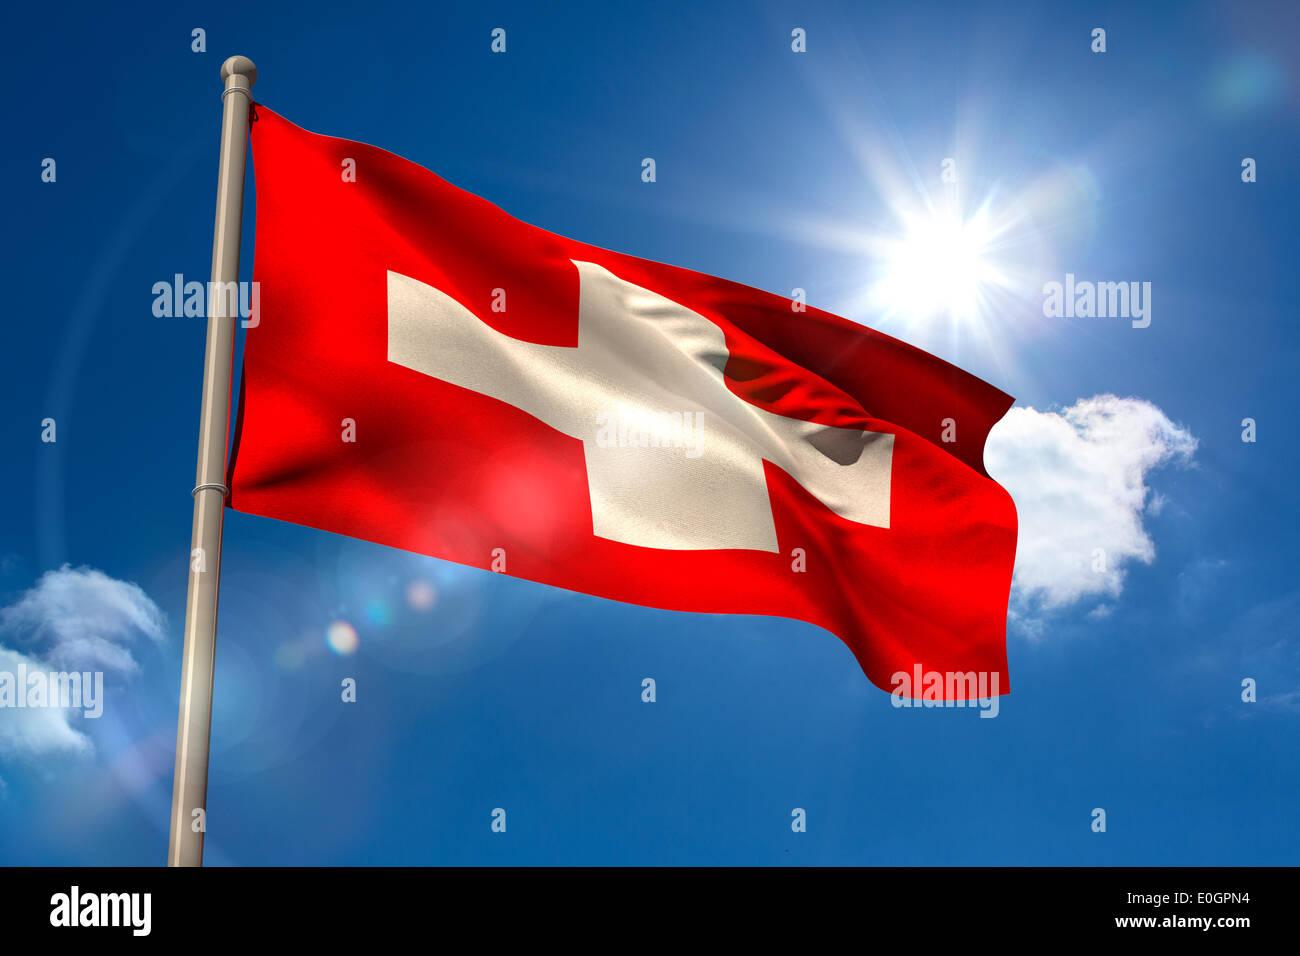 Swiss national flag on flagpole - Stock Image